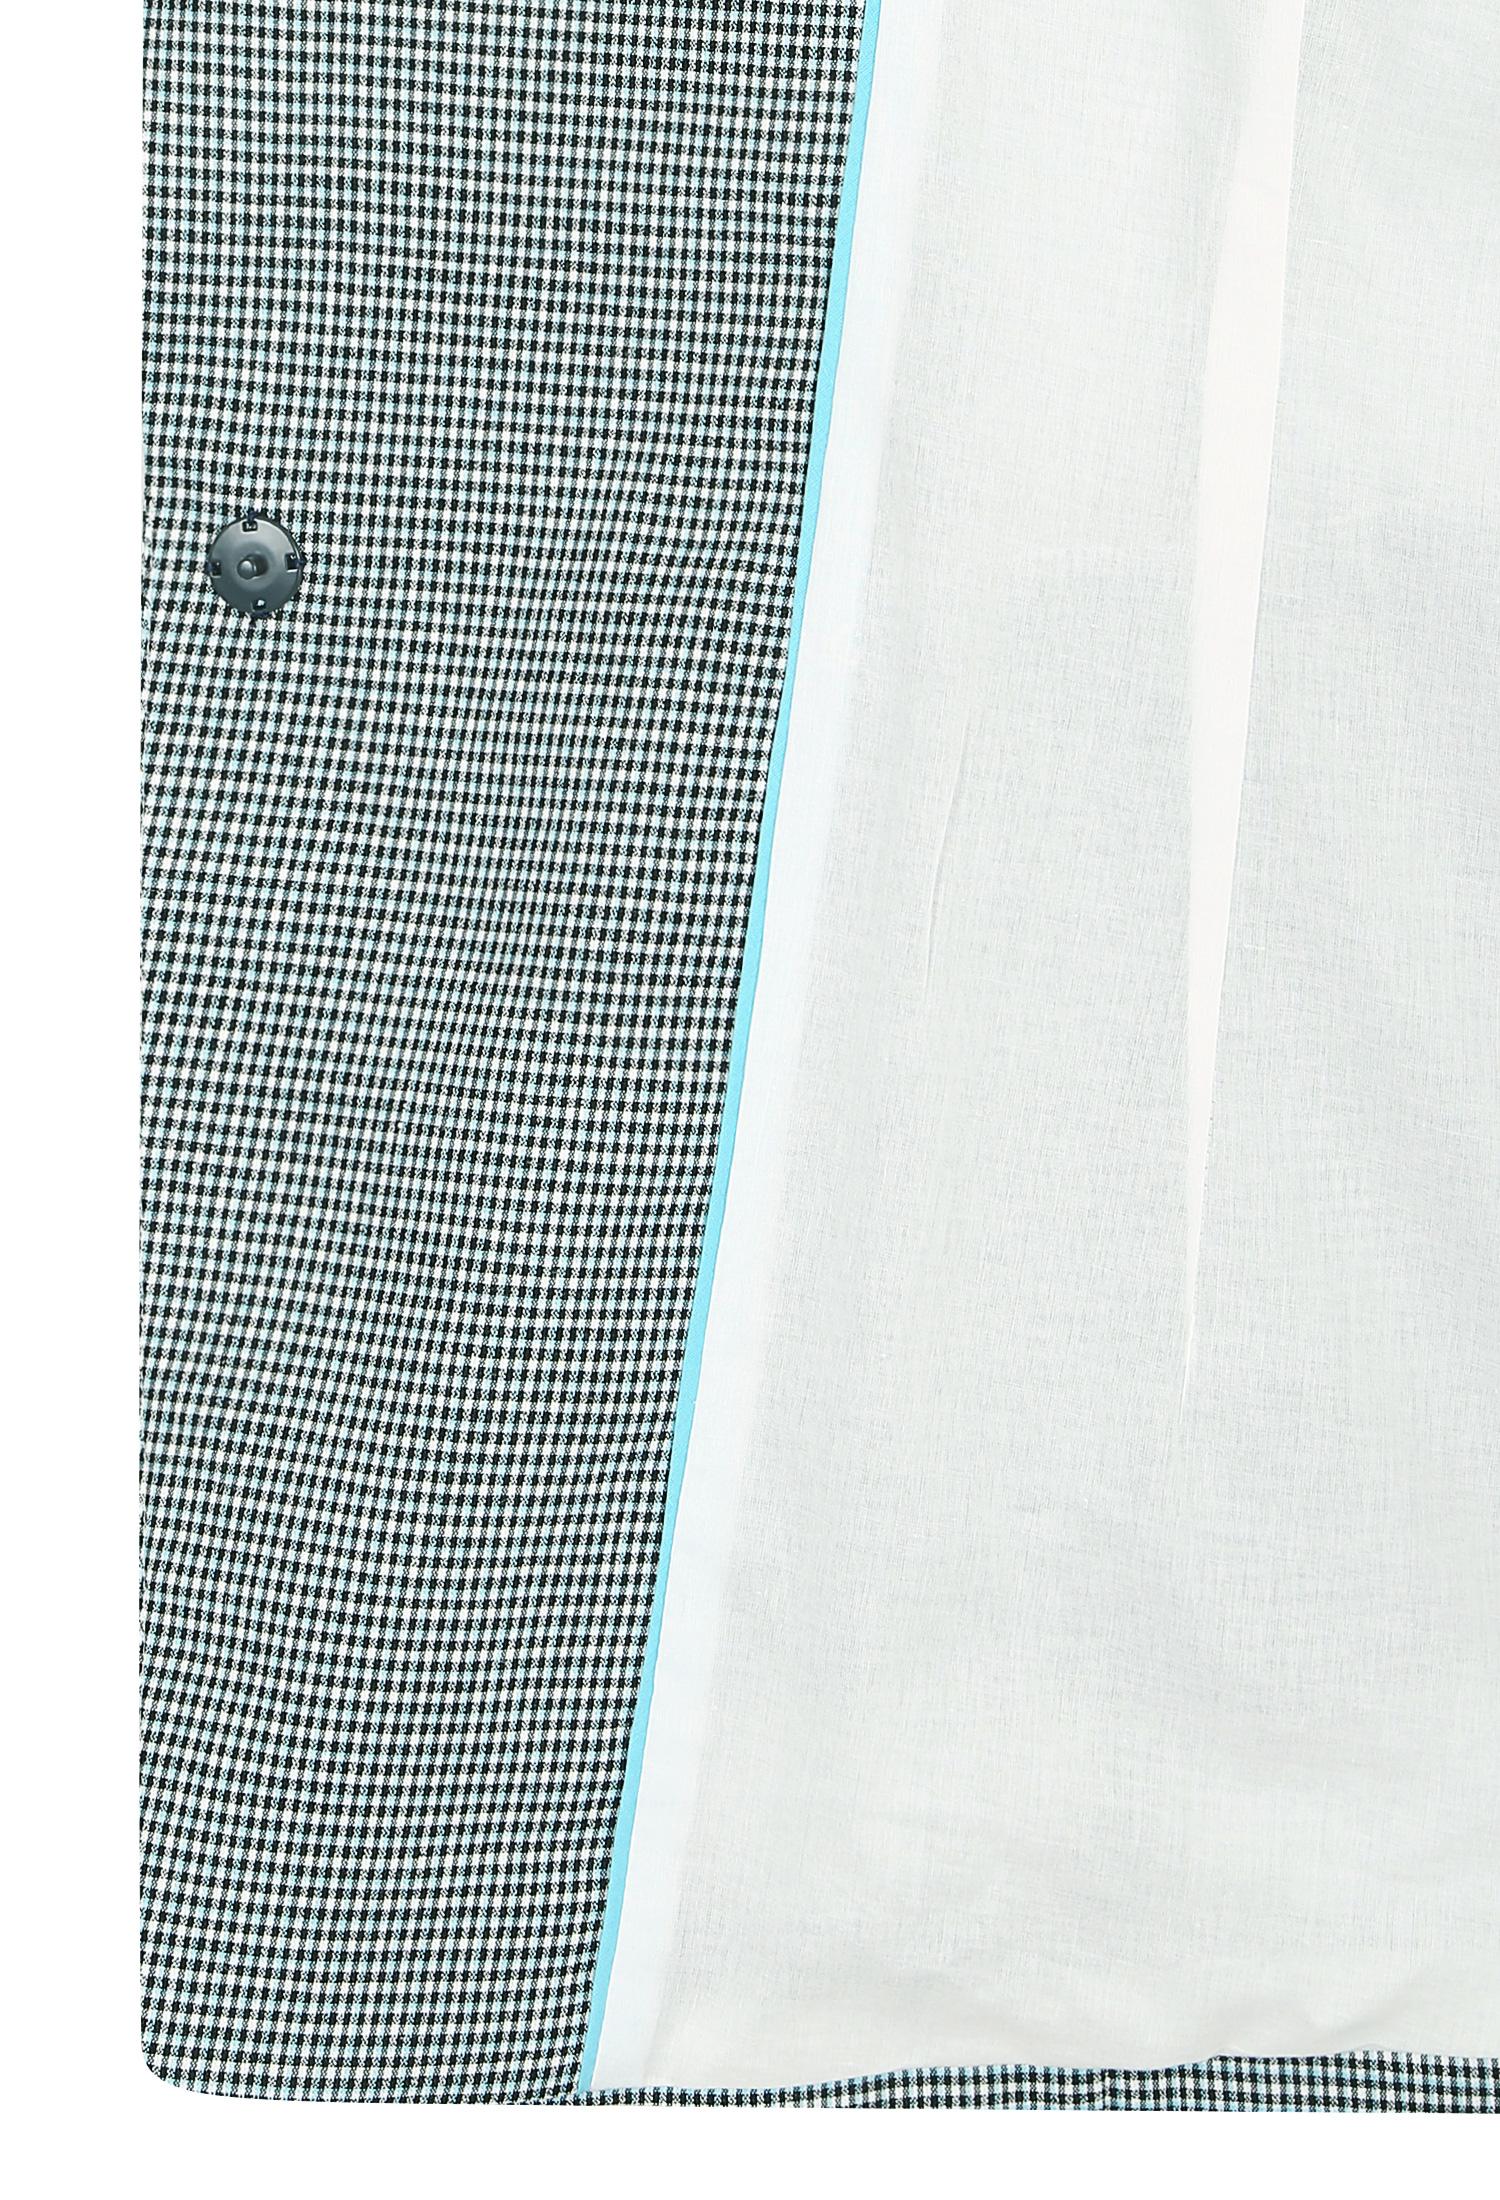 잔체크 더블 버튼 롤업 자켓 (BLUE)